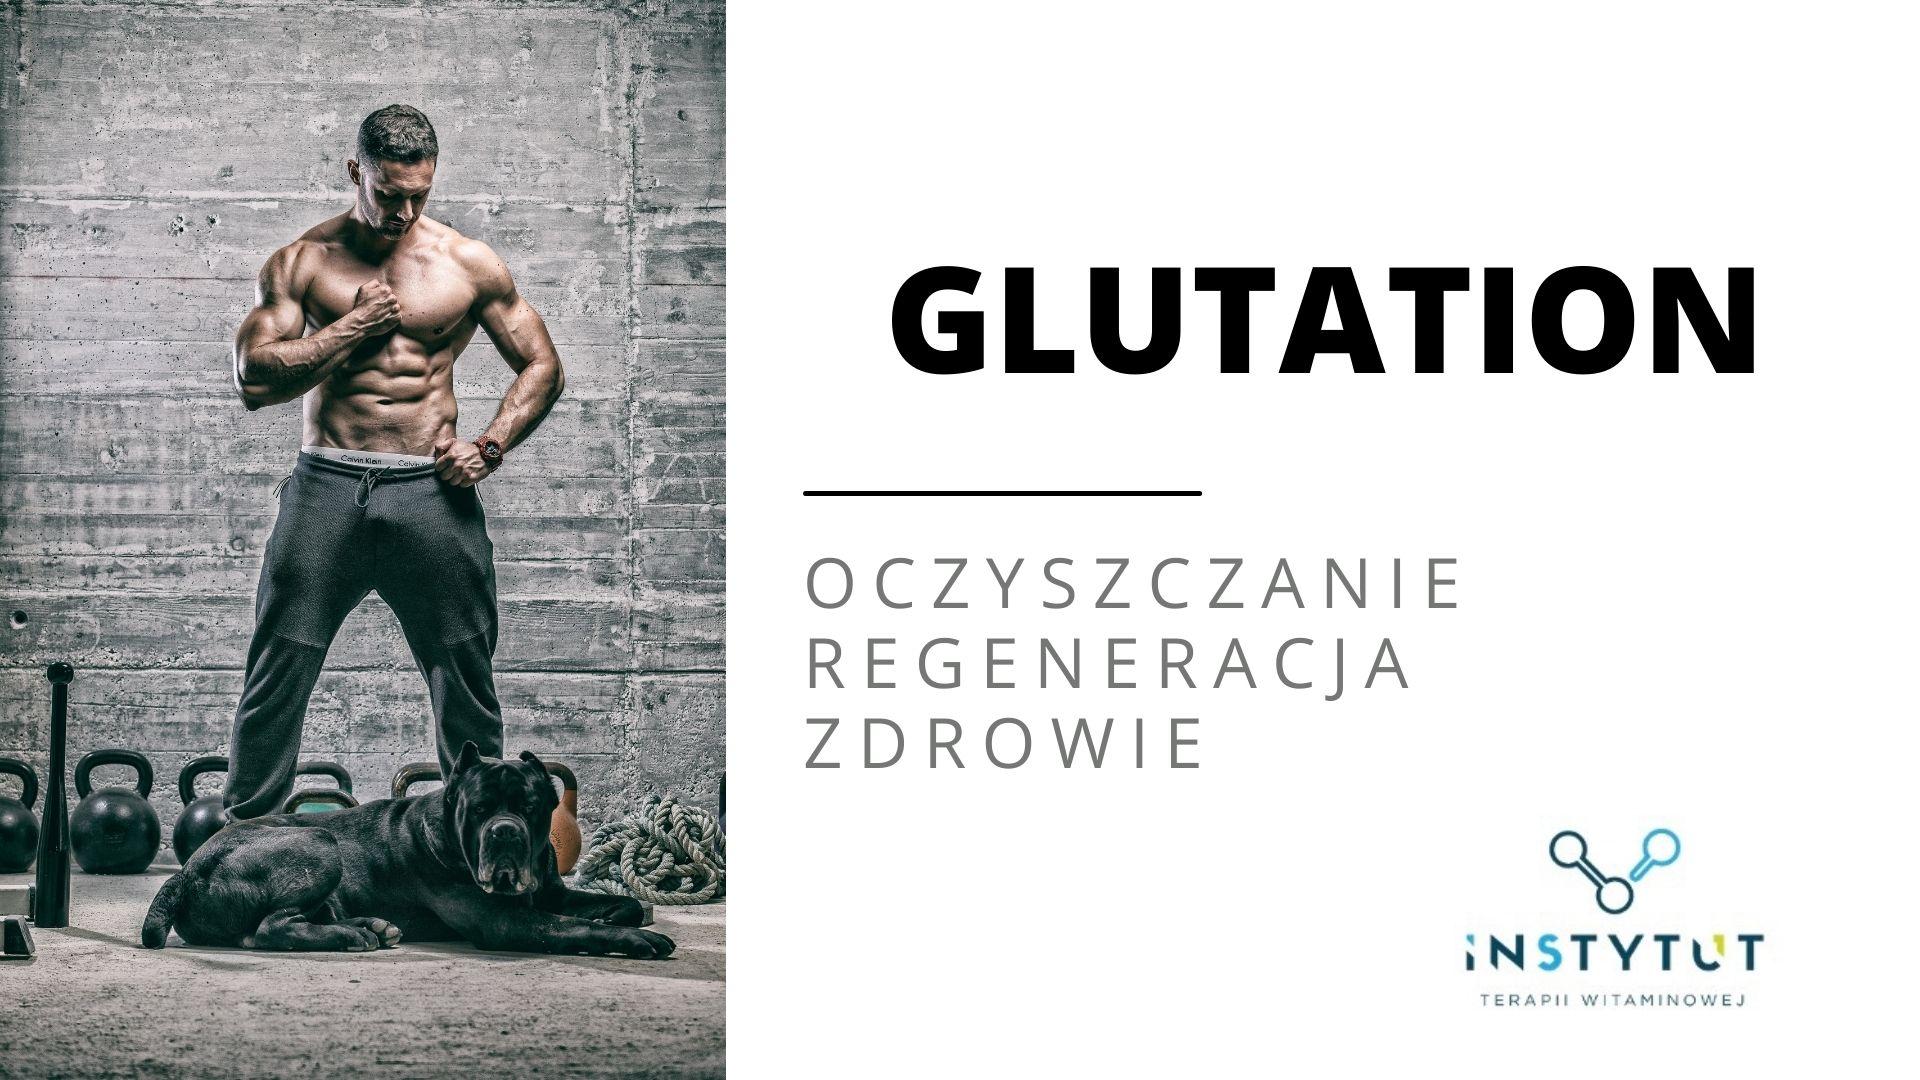 GLUTATION